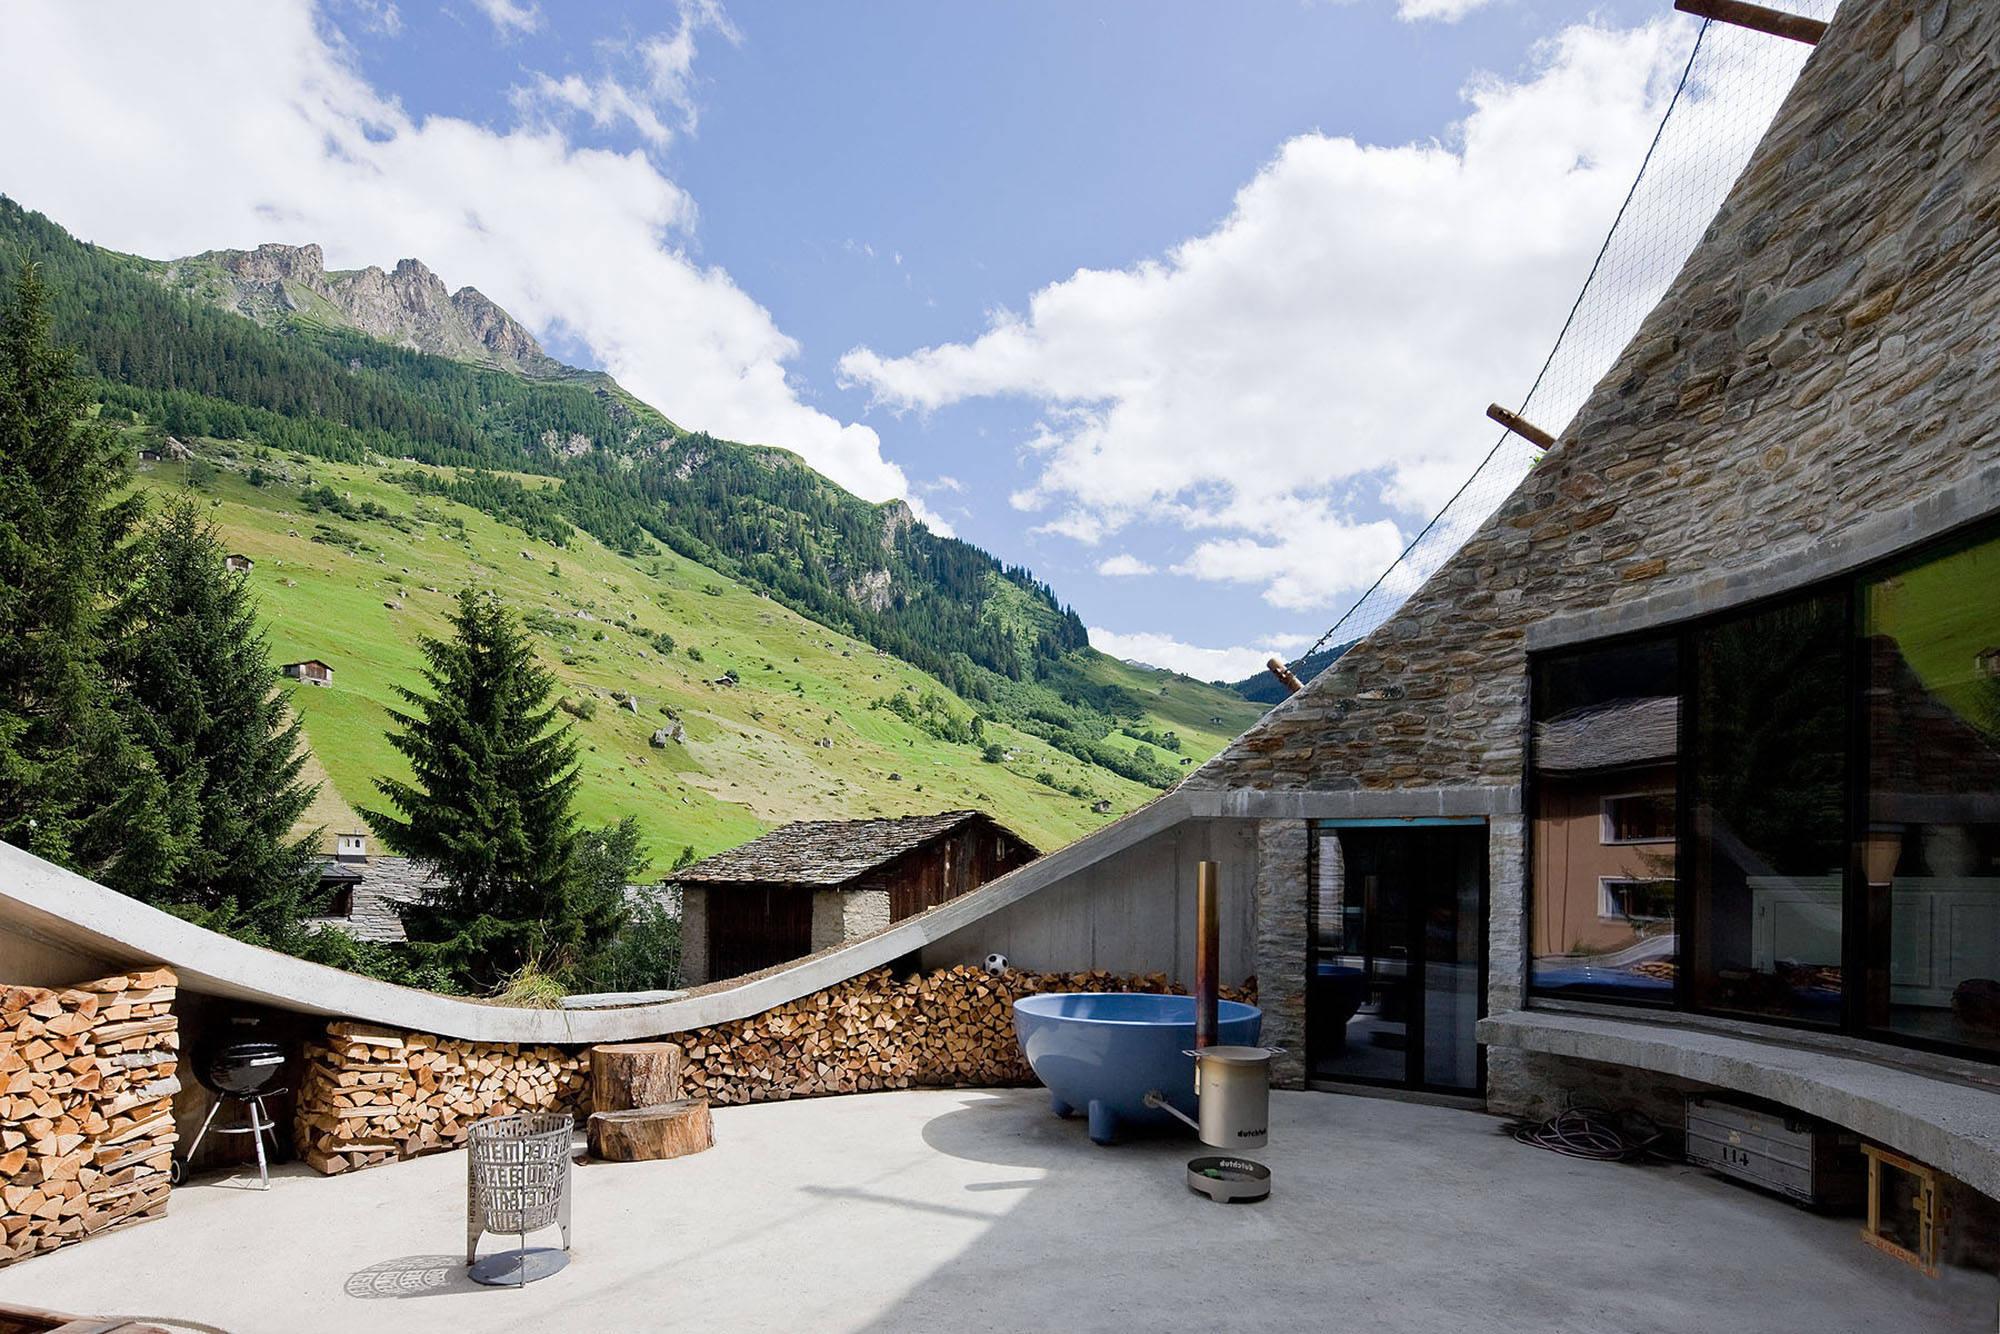 Швейцария дом для жизни купить дом в касабланке